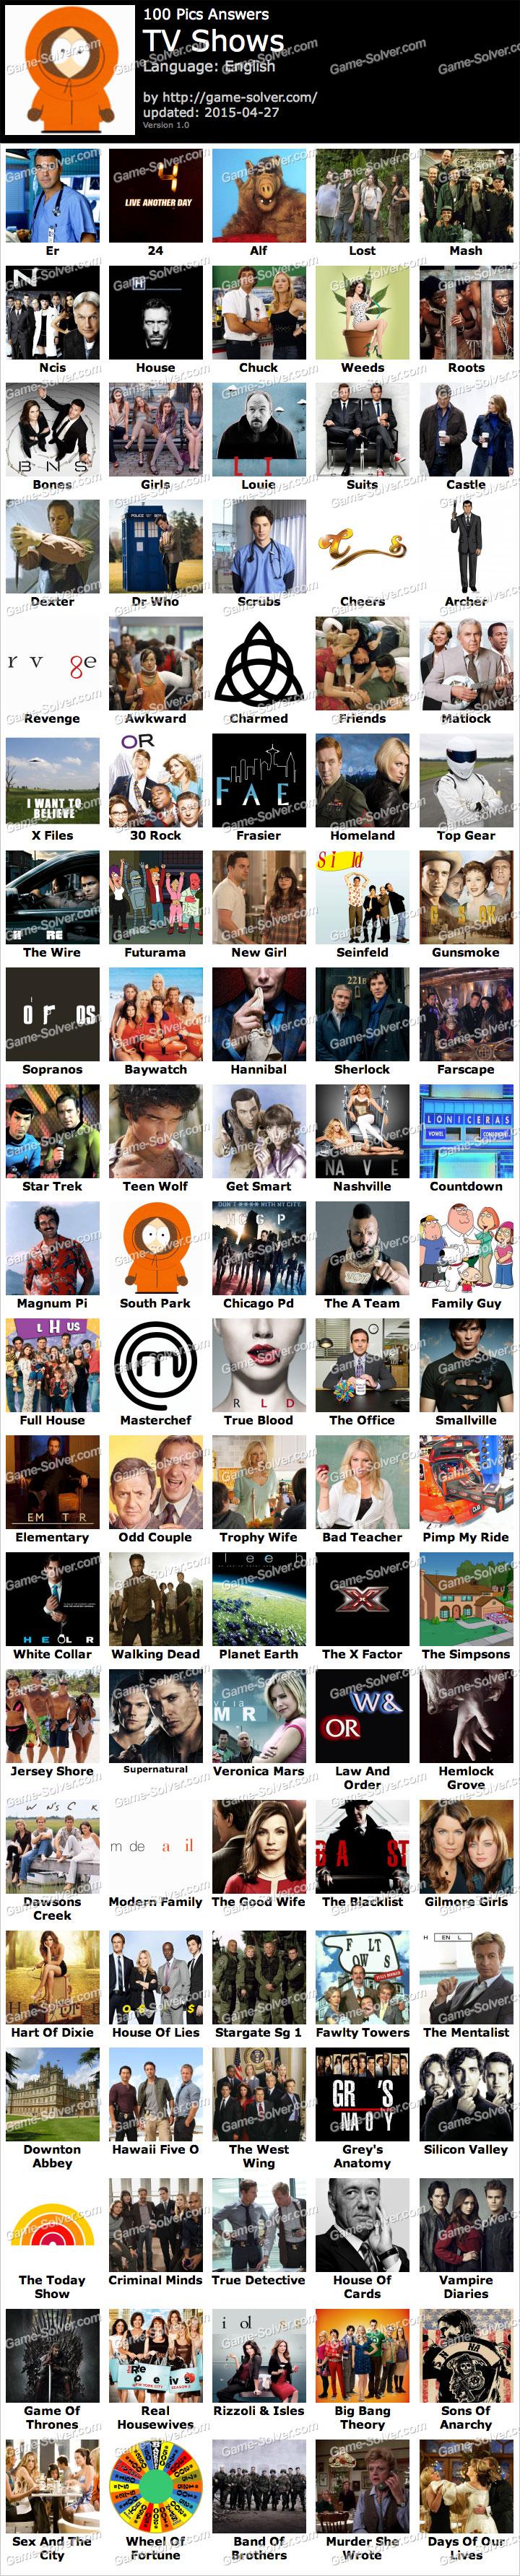 Tv shows 100 pics